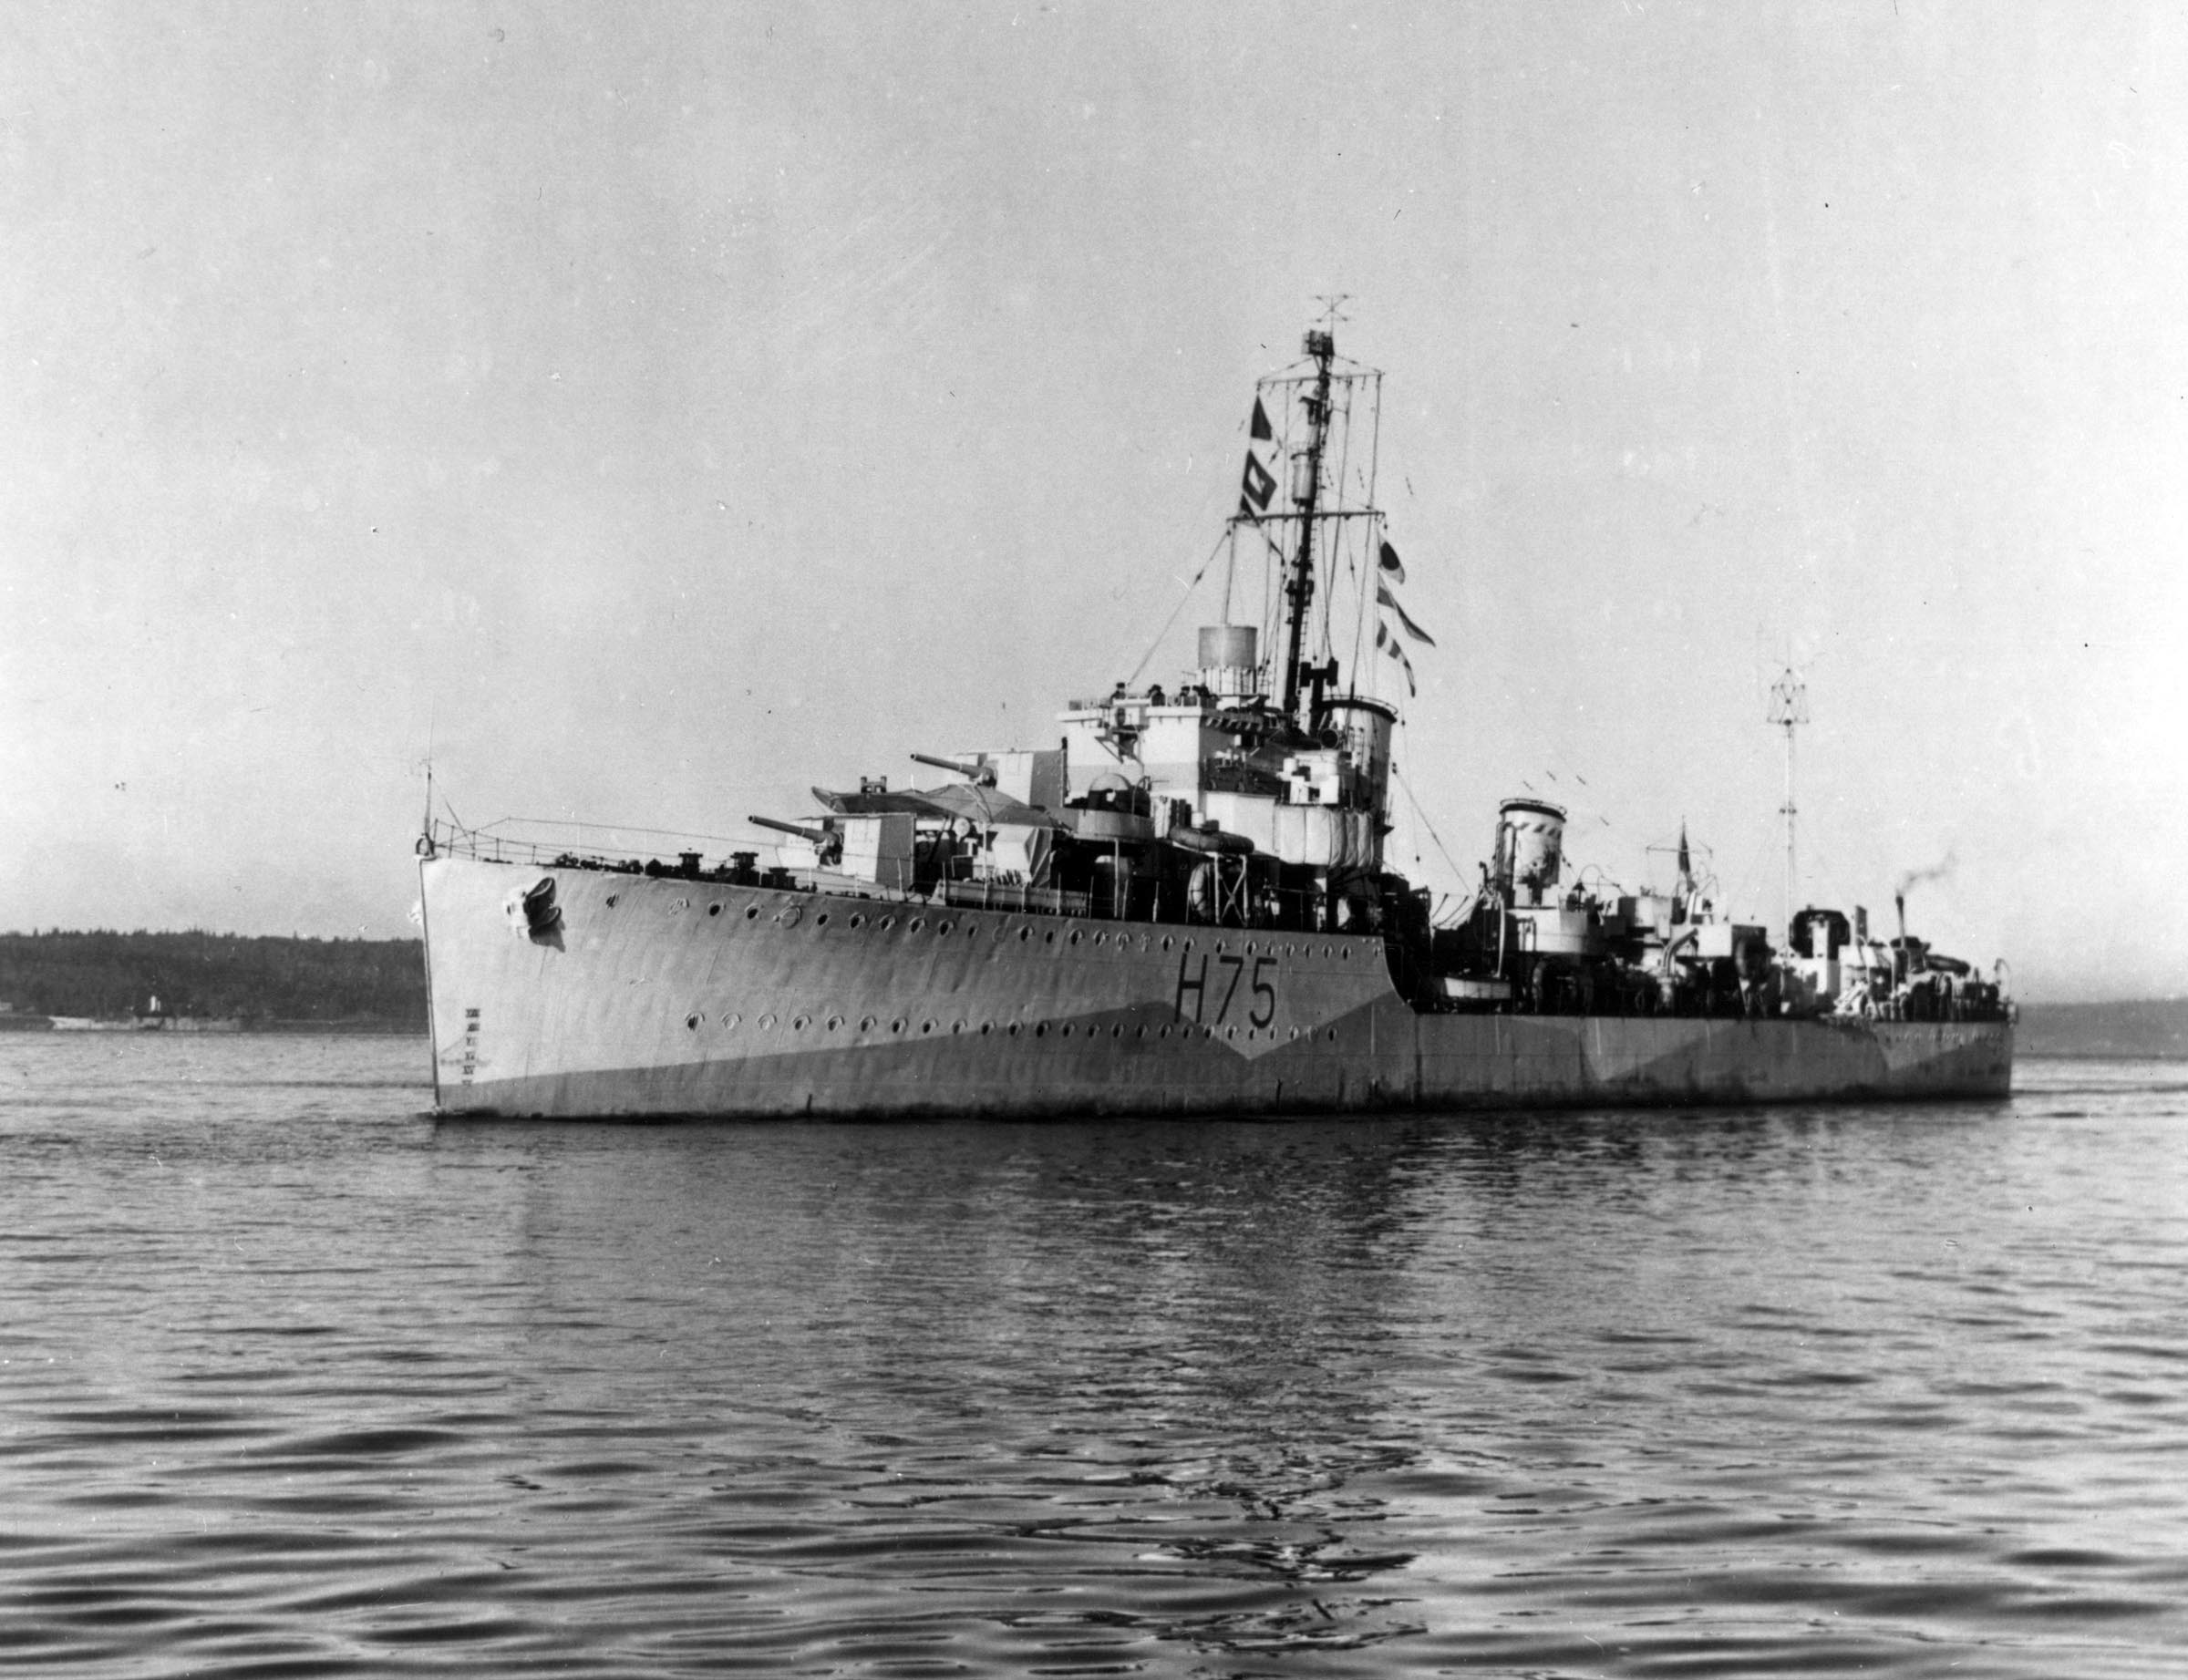 HMCS KOOTENAY (1st)